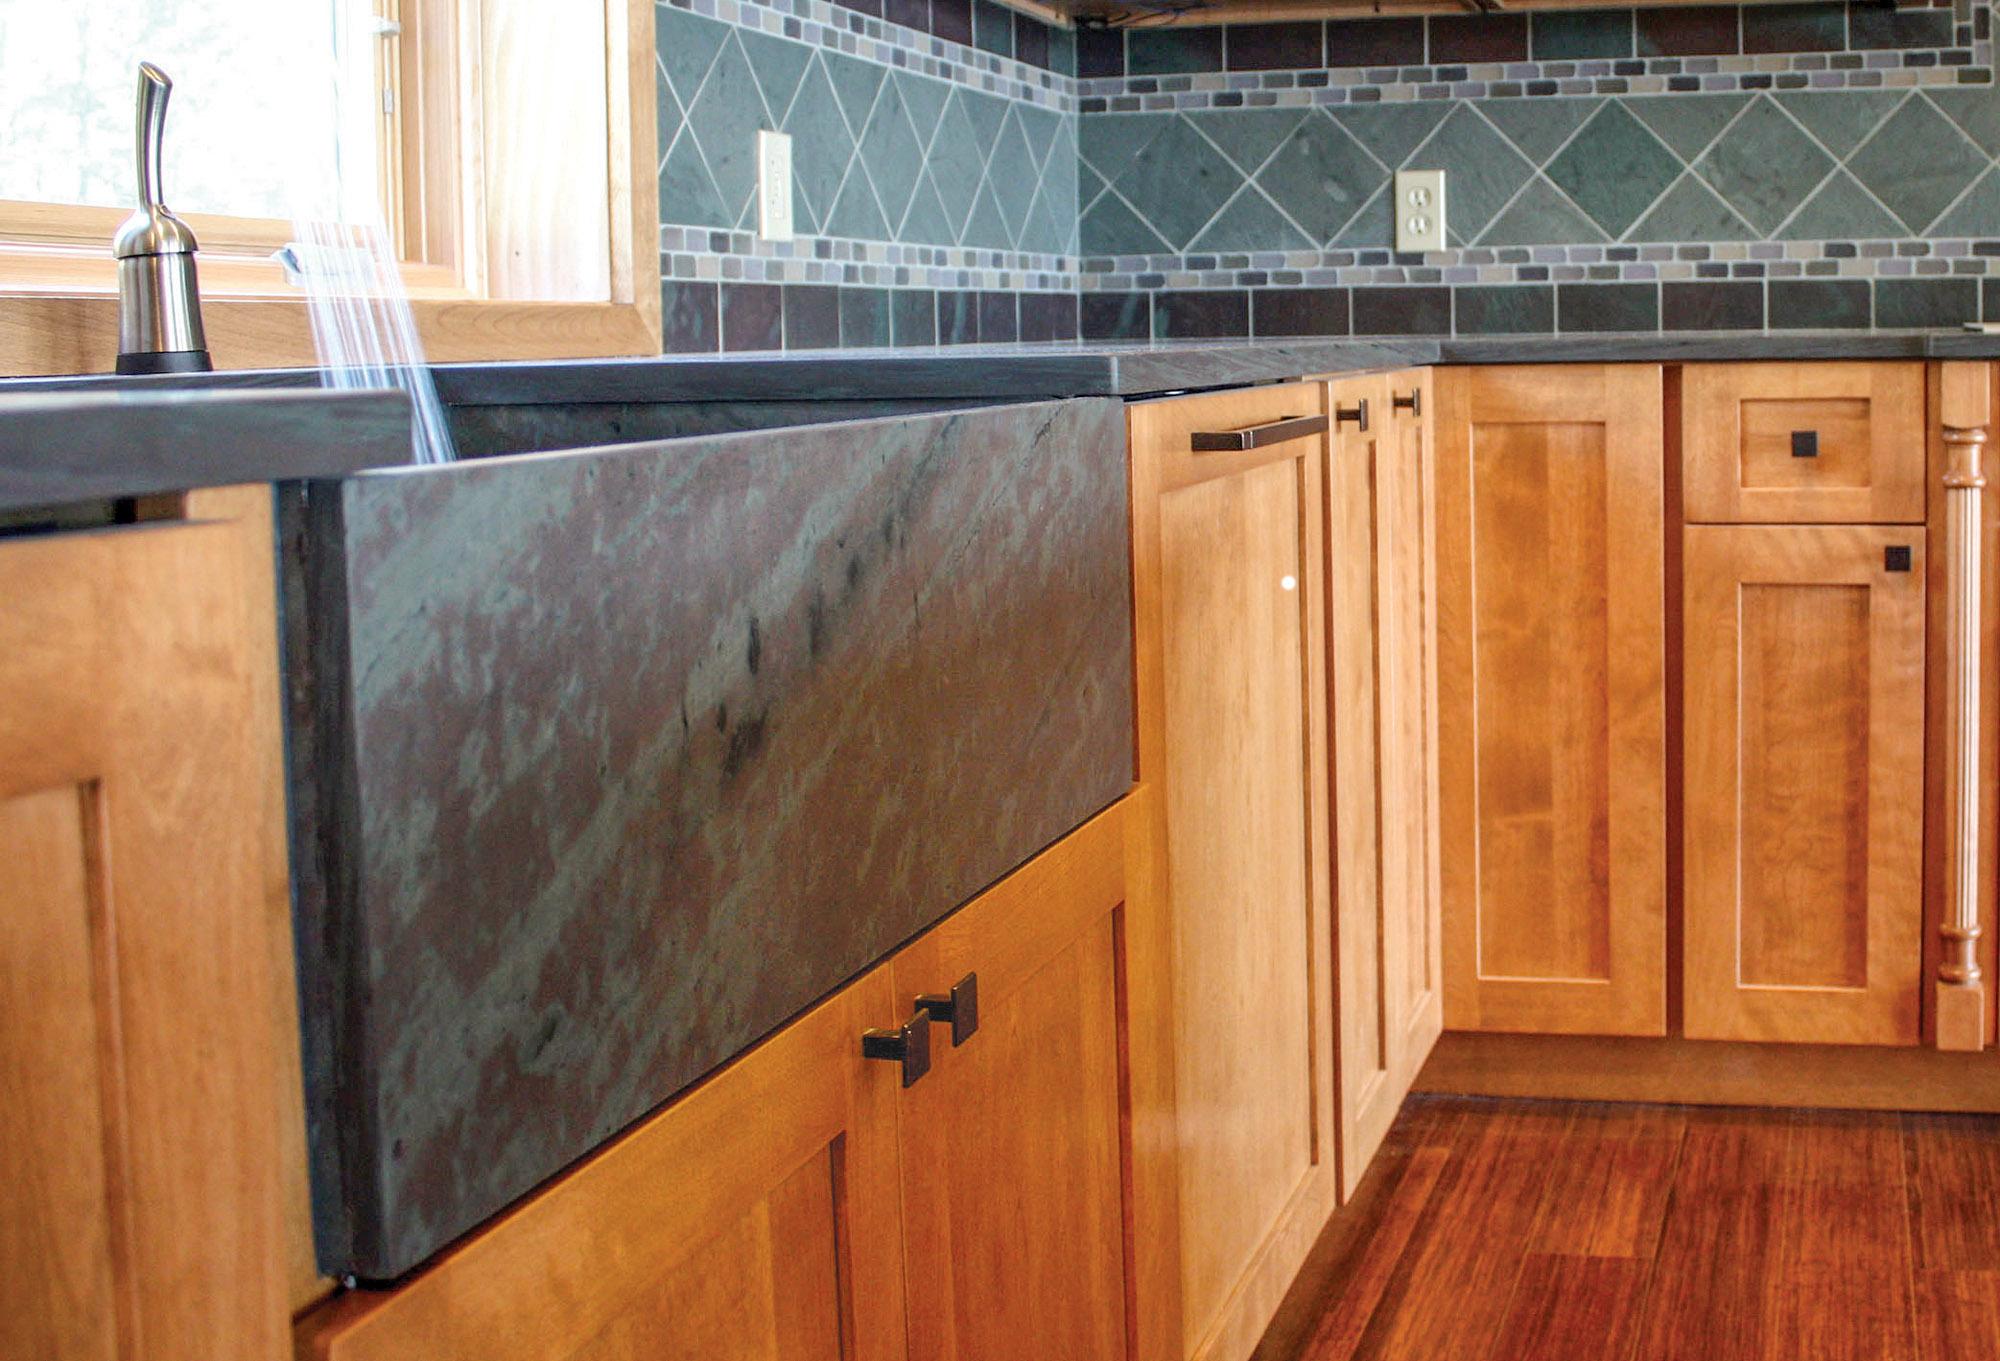 sink fabricated from Northeastern mottled green slate, by Sheldon Slate.